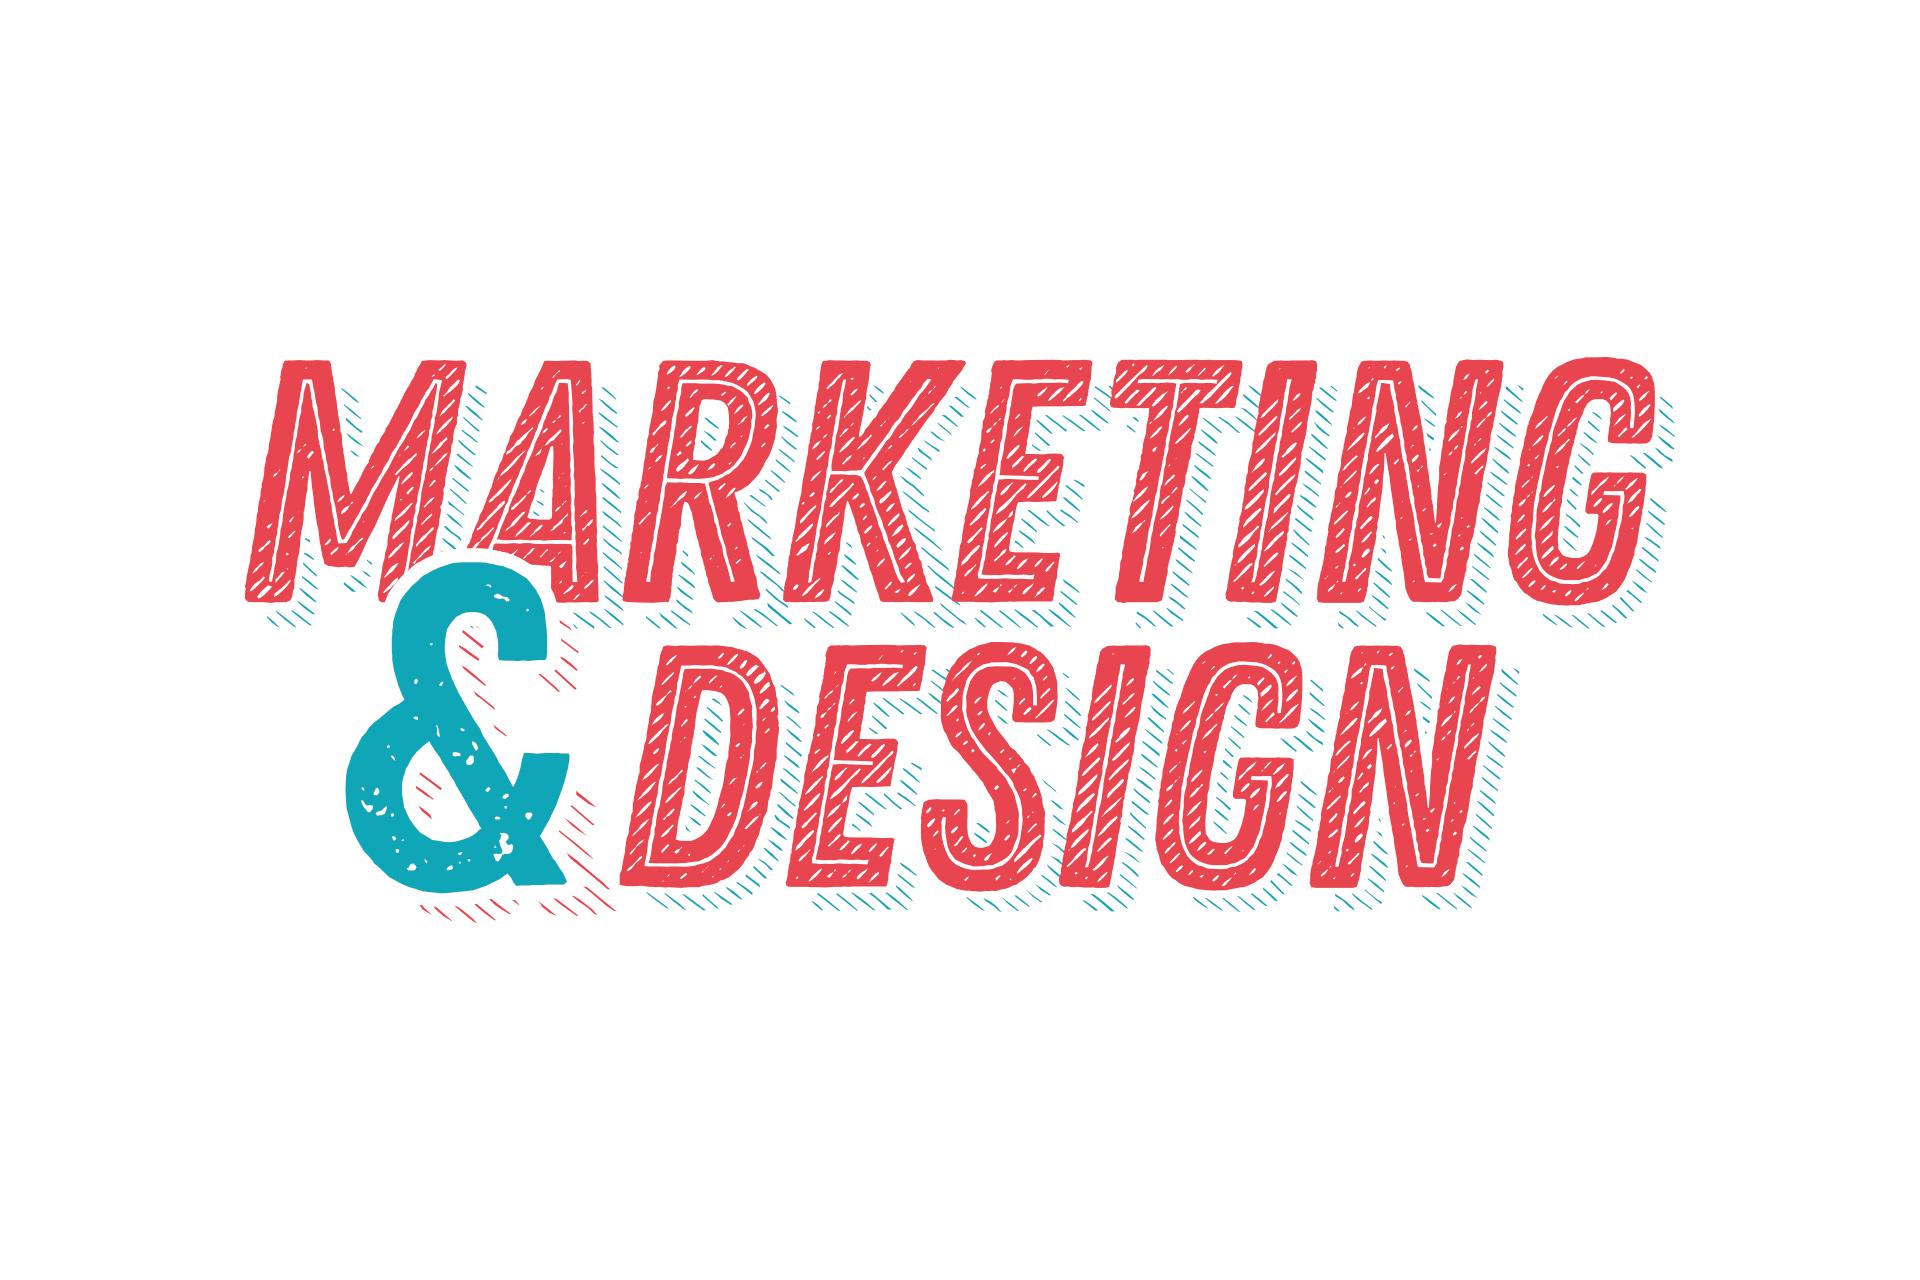 «M&D» COMME MARKETING & DESIGN